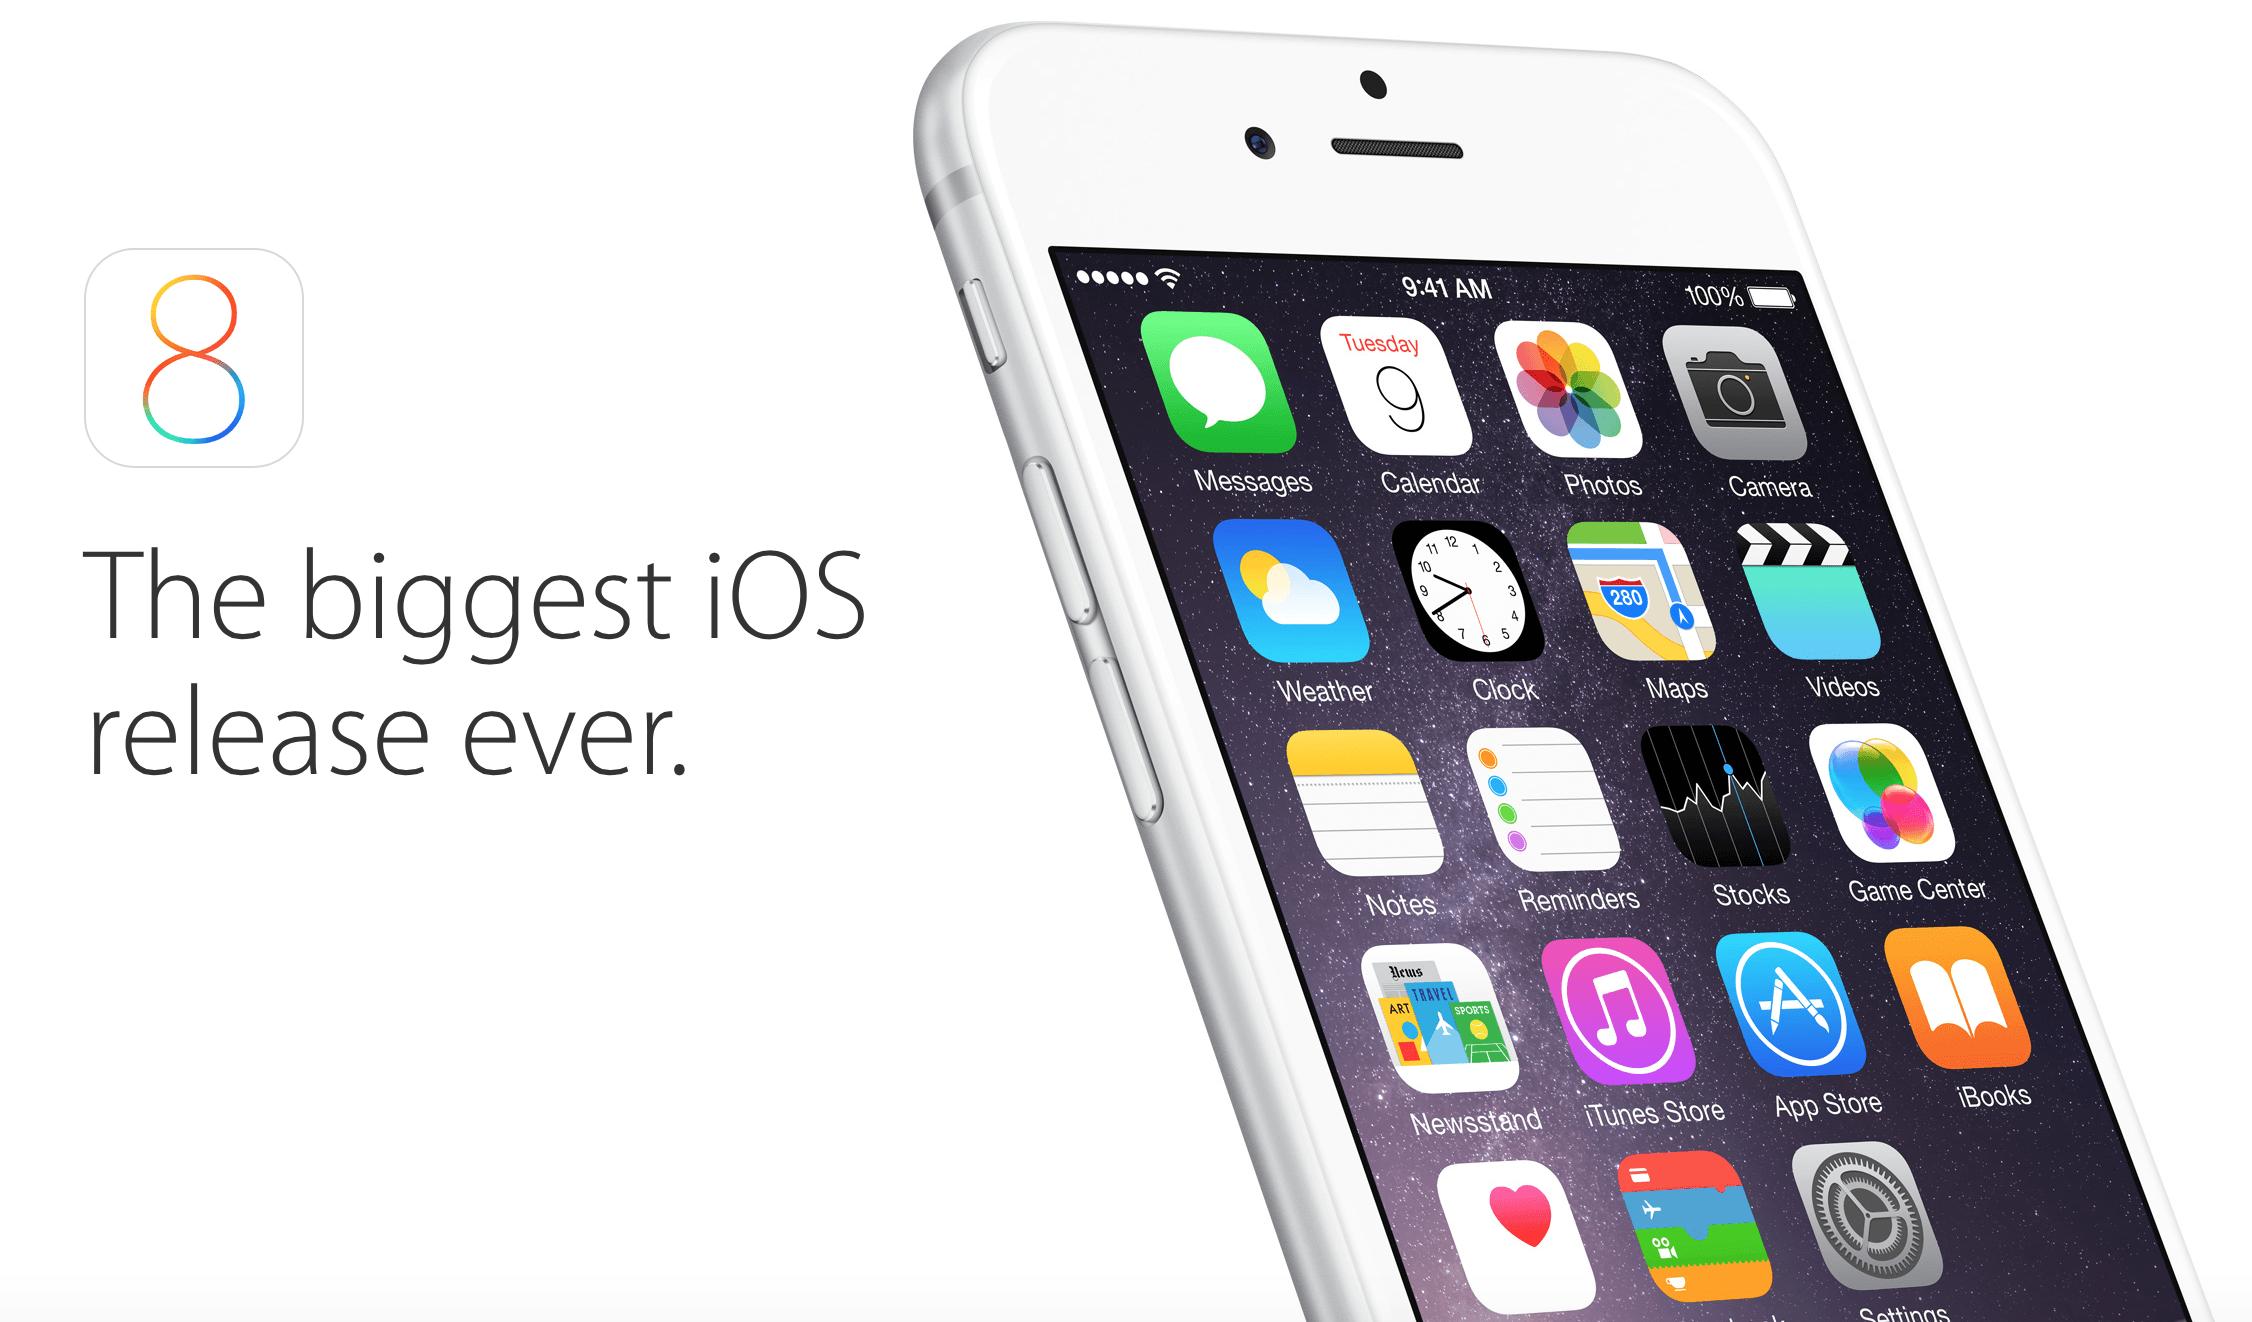 Почему iPhone разряжается слишком быстро? С приходом iOS 8 мы можем точно ответить на этот вопрос